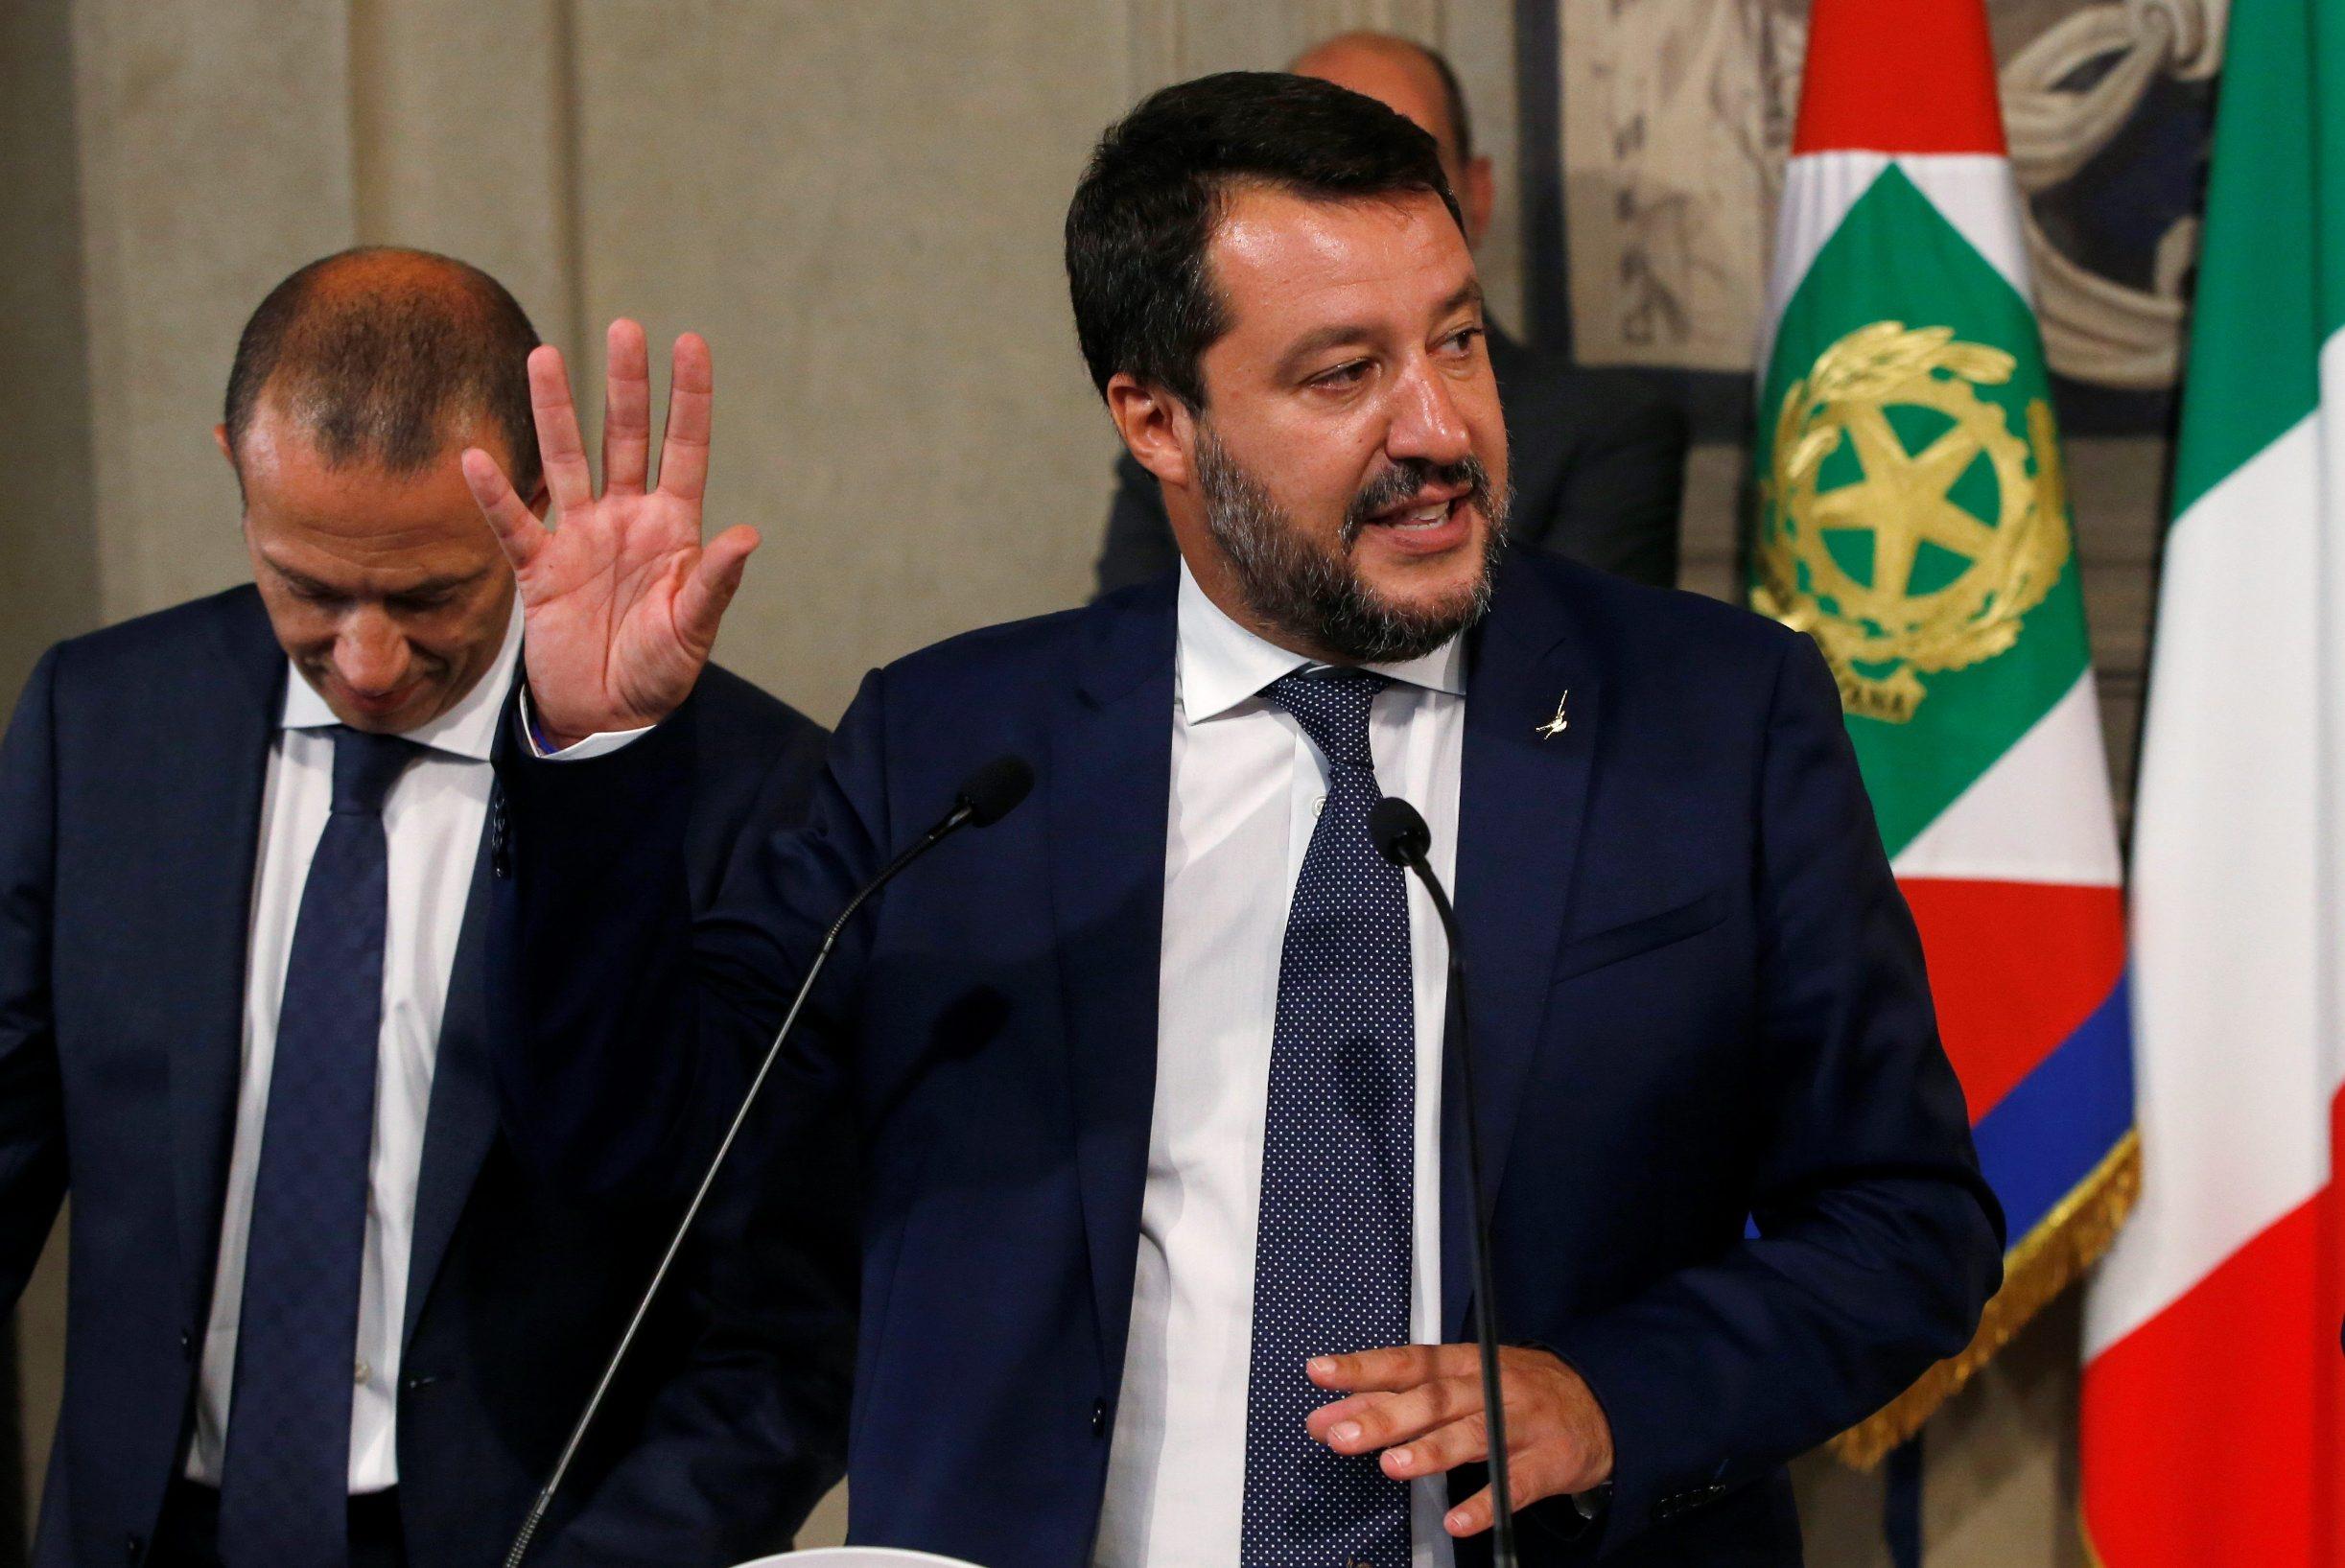 Matteo Salvini je u kockanju izgubio vlast. Mogao bi je vratiti na izborima. Jesmo li zaboravili što je autokracija?